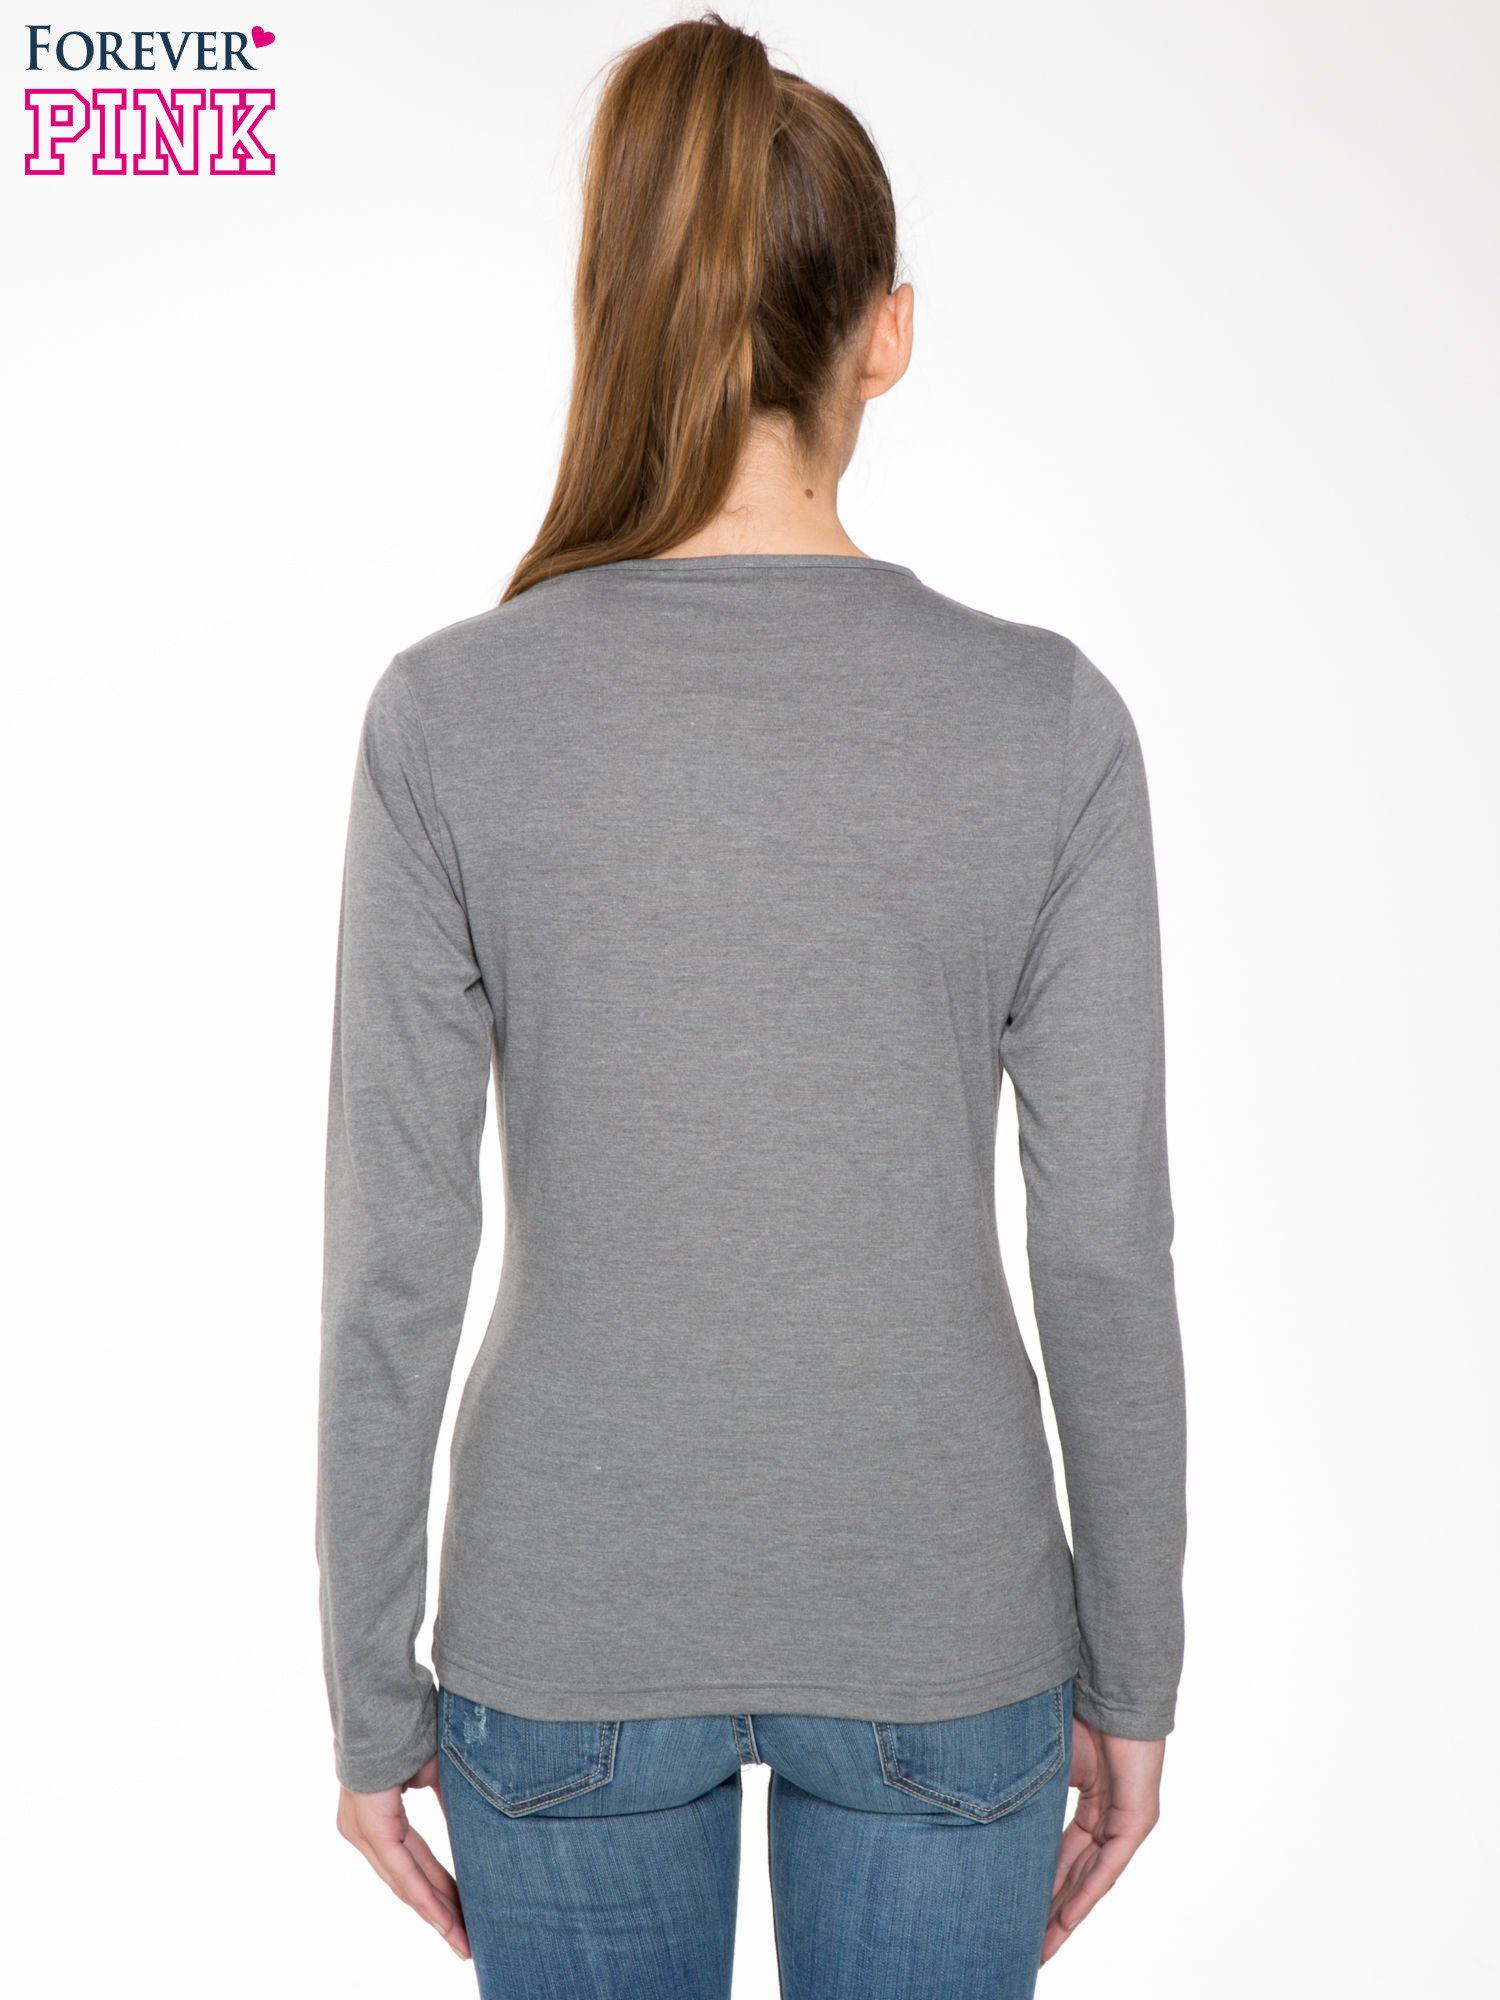 Ciemnoszara bawełniana bluzka typu basic z długim rękawem                                  zdj.                                  4